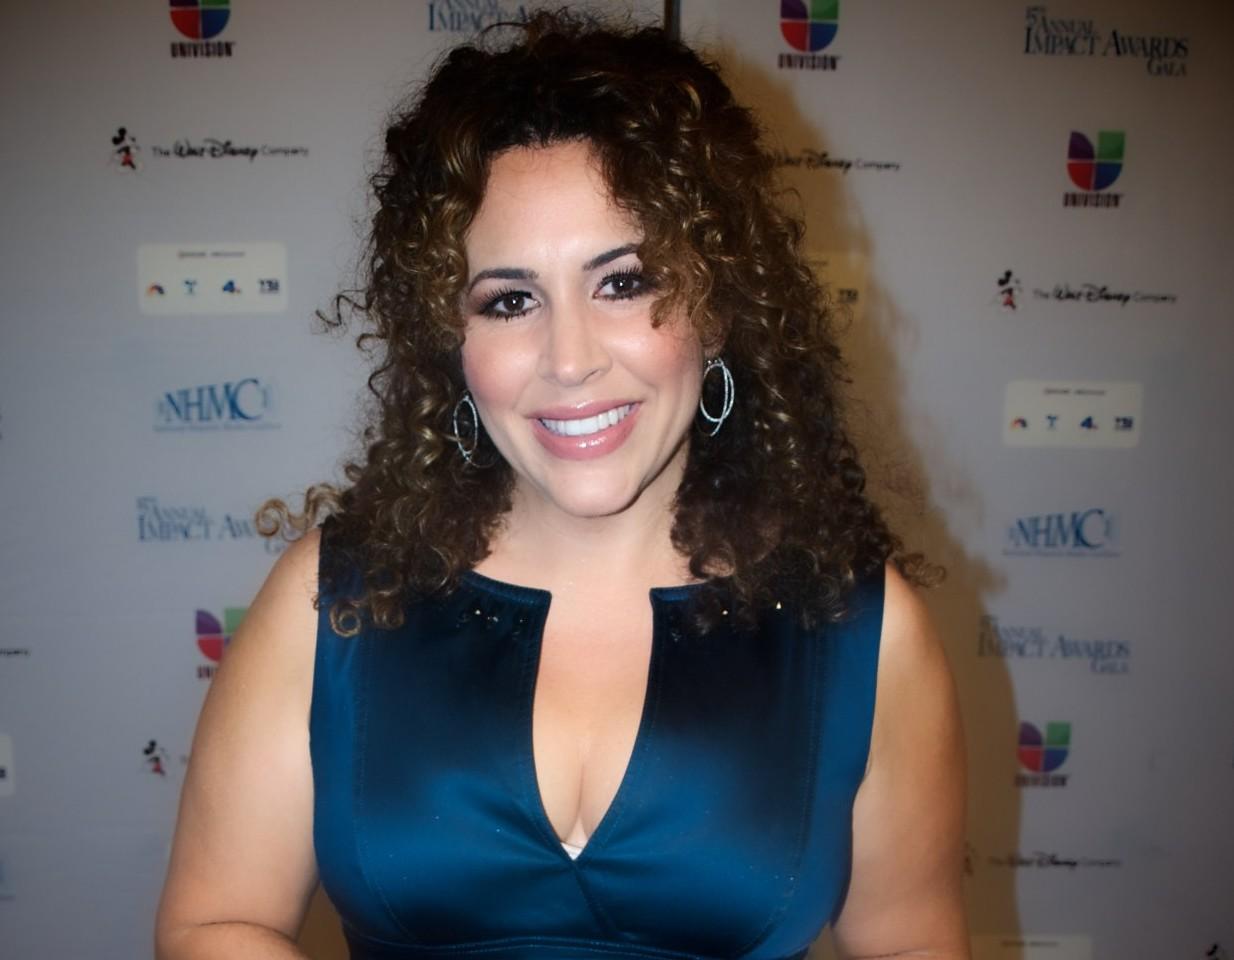 Diana-Maria Riva